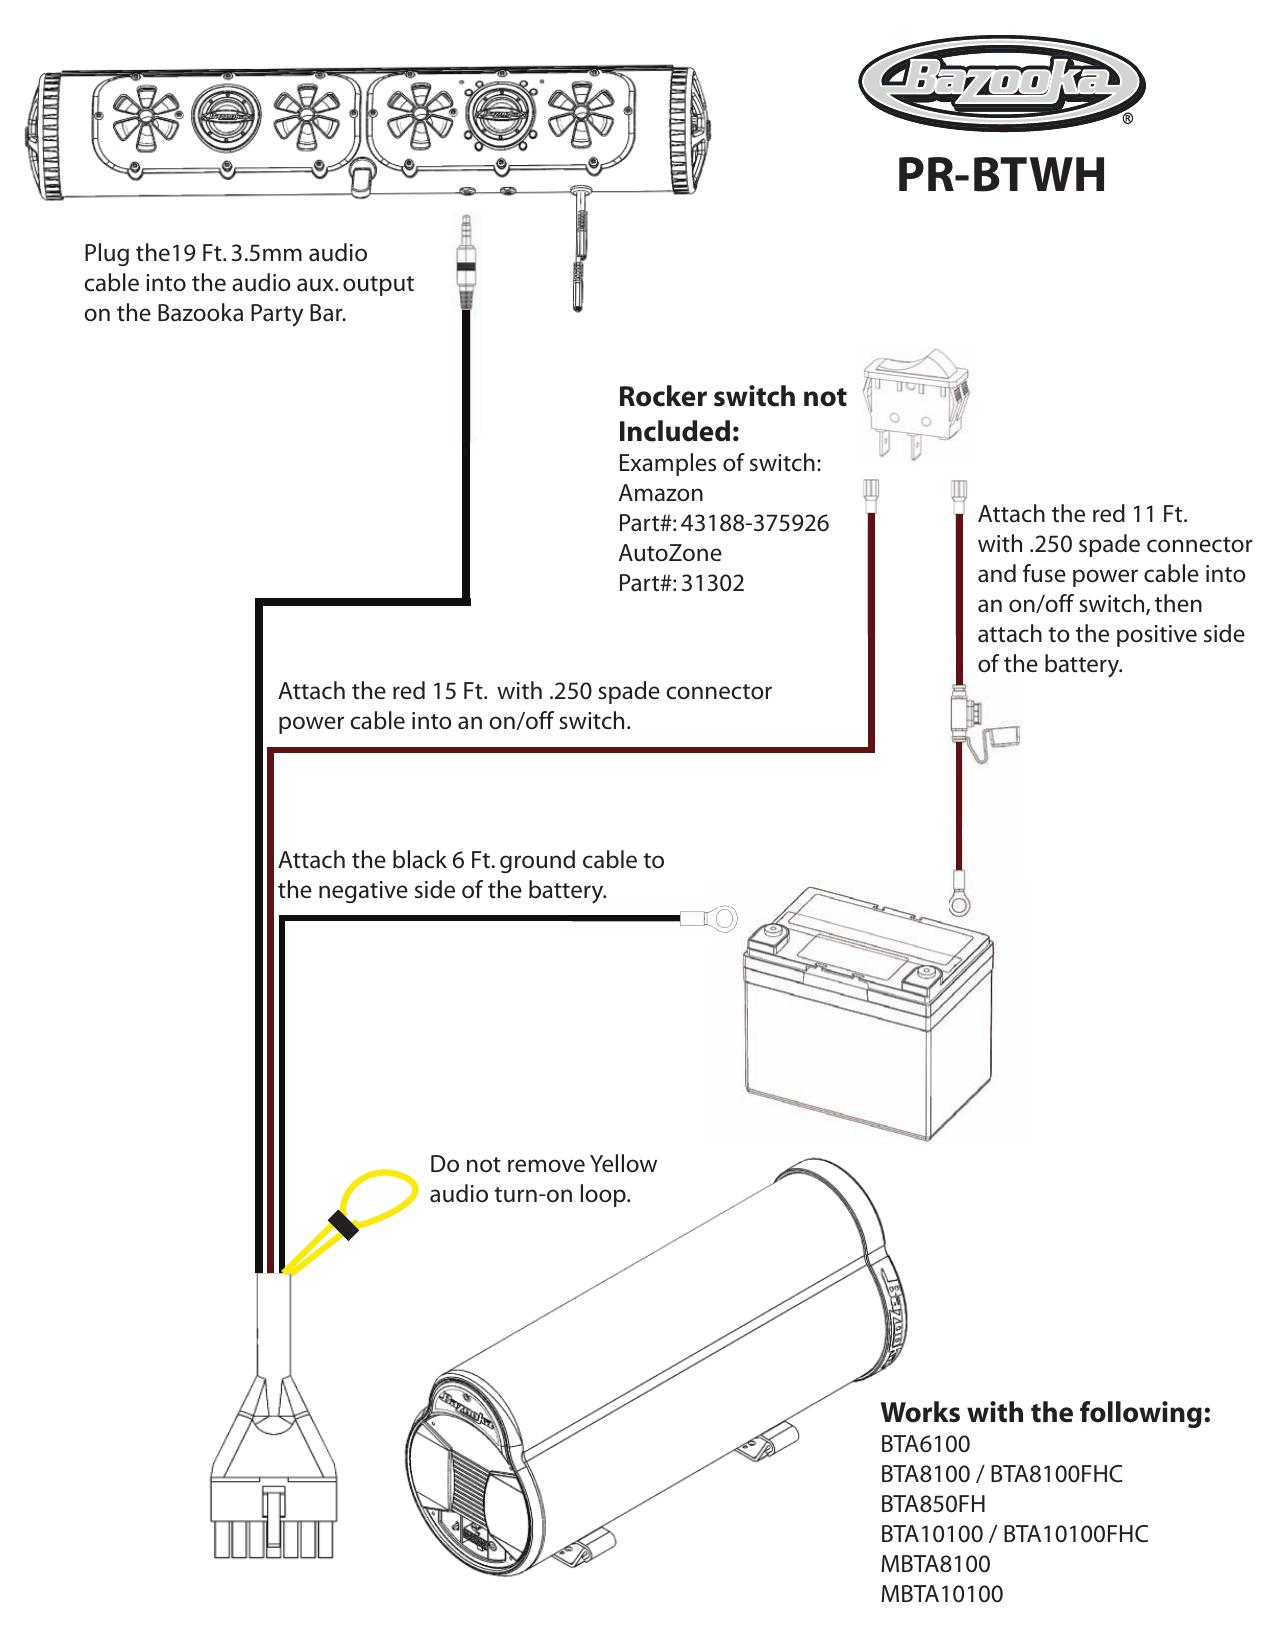 Bazooka PR-BTWH Operating instructions | Manualzz | Bazooka Bta8100 Wiring Diagram |  | manualzz